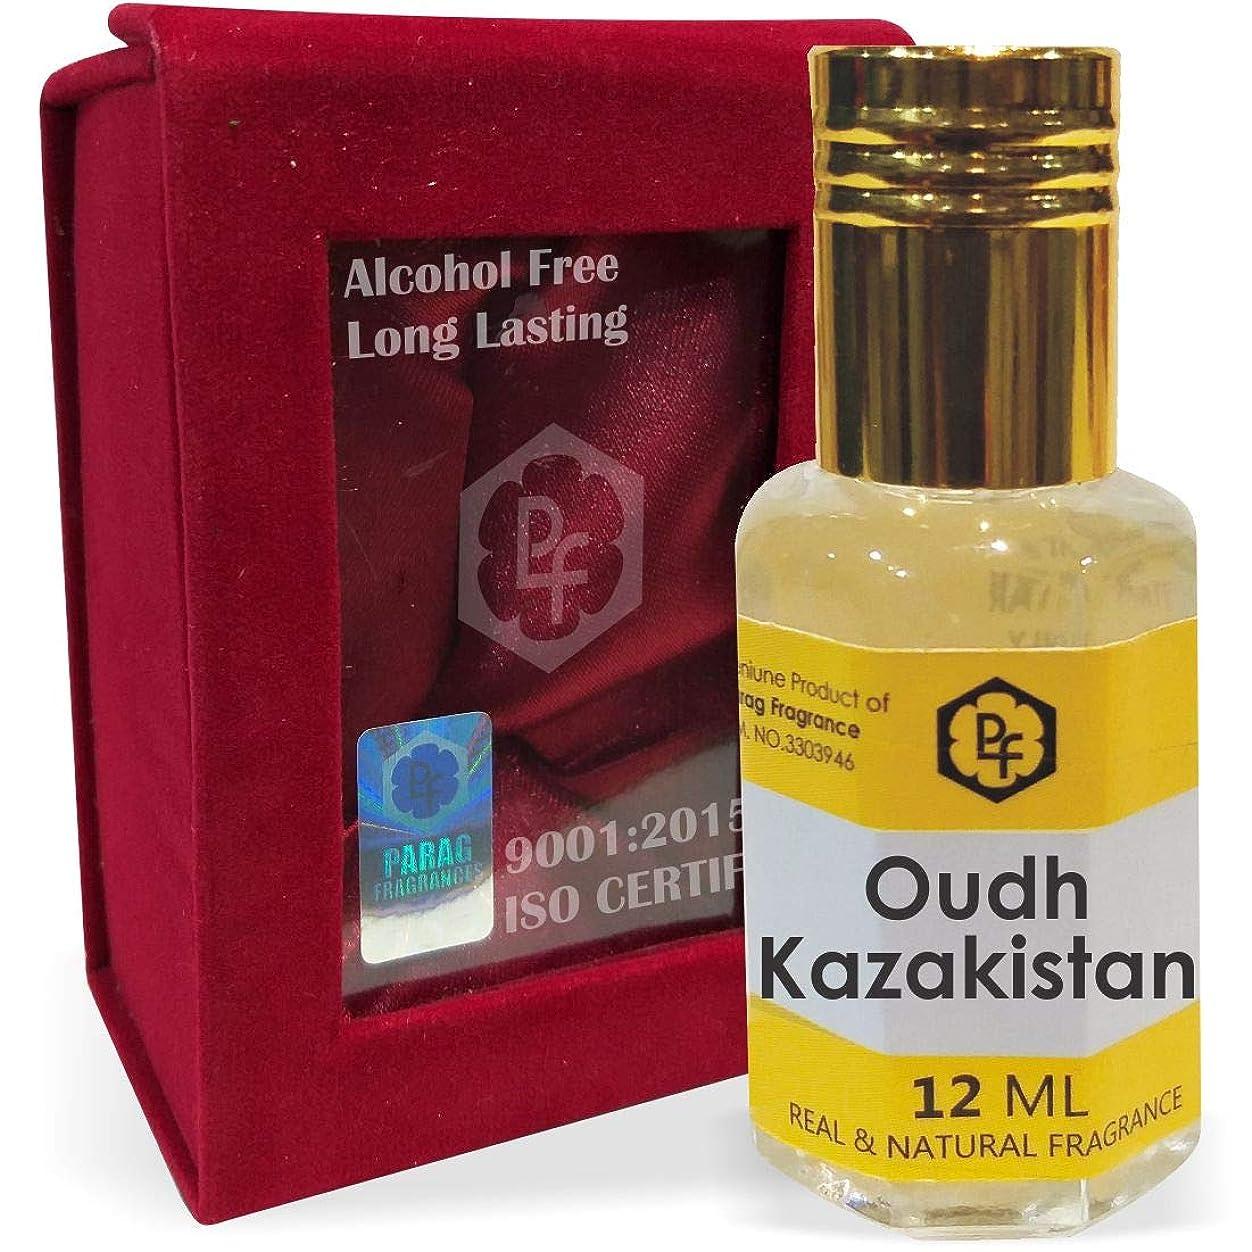 その間繊毛誇大妄想ParagフレグランスOudh Kazakistan手作りベルベットボックス12ミリリットルアター/香水(インドの伝統的なBhapka処理方法により、インド製)オイル/フレグランスオイル|長持ちアターITRA最高の品質